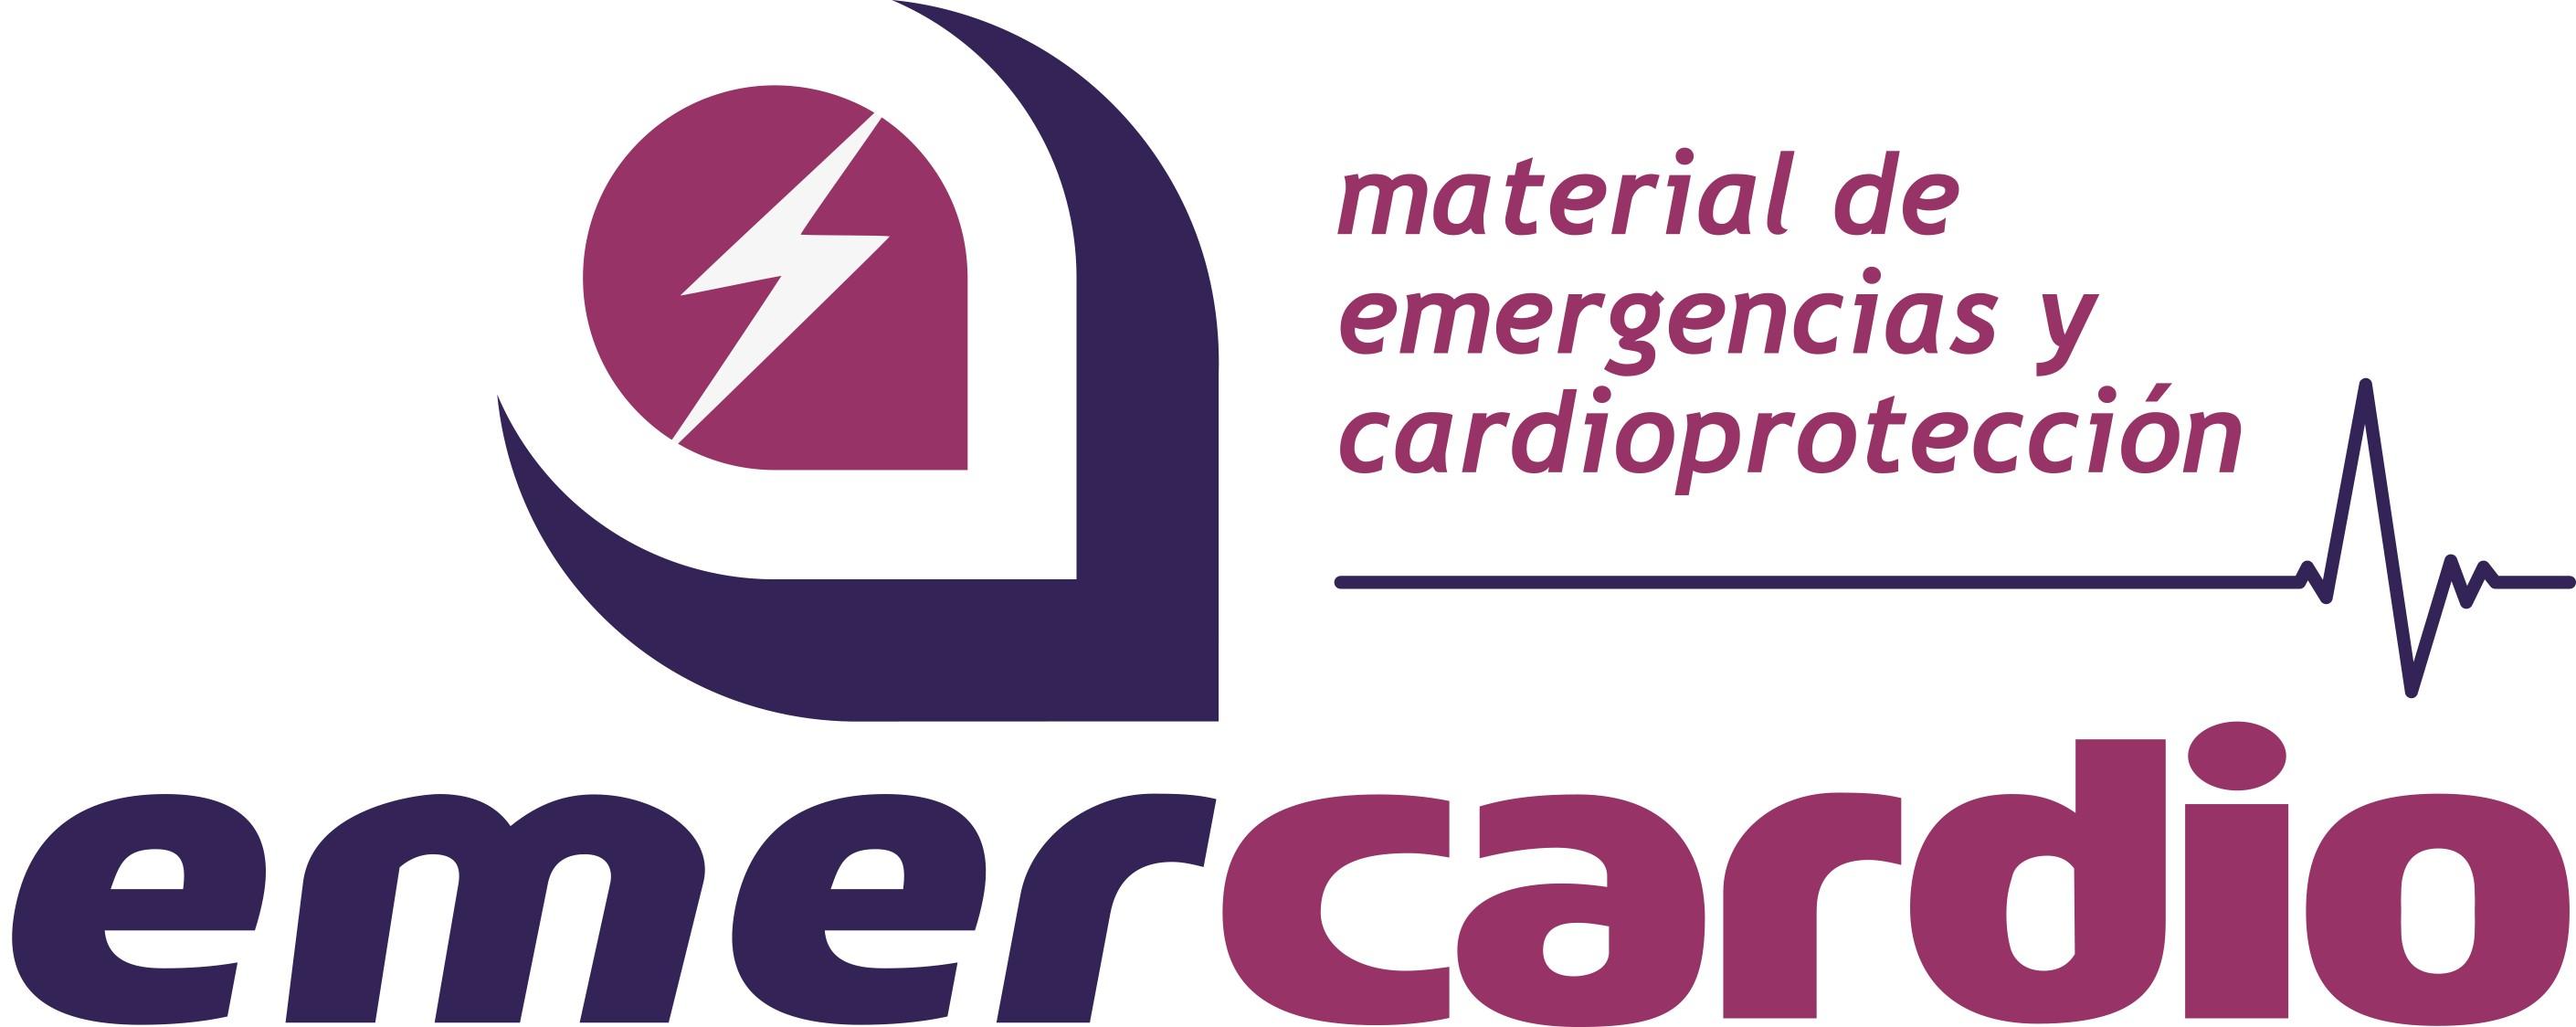 Desfibriladores y Material de Emergencias-EmerCardio